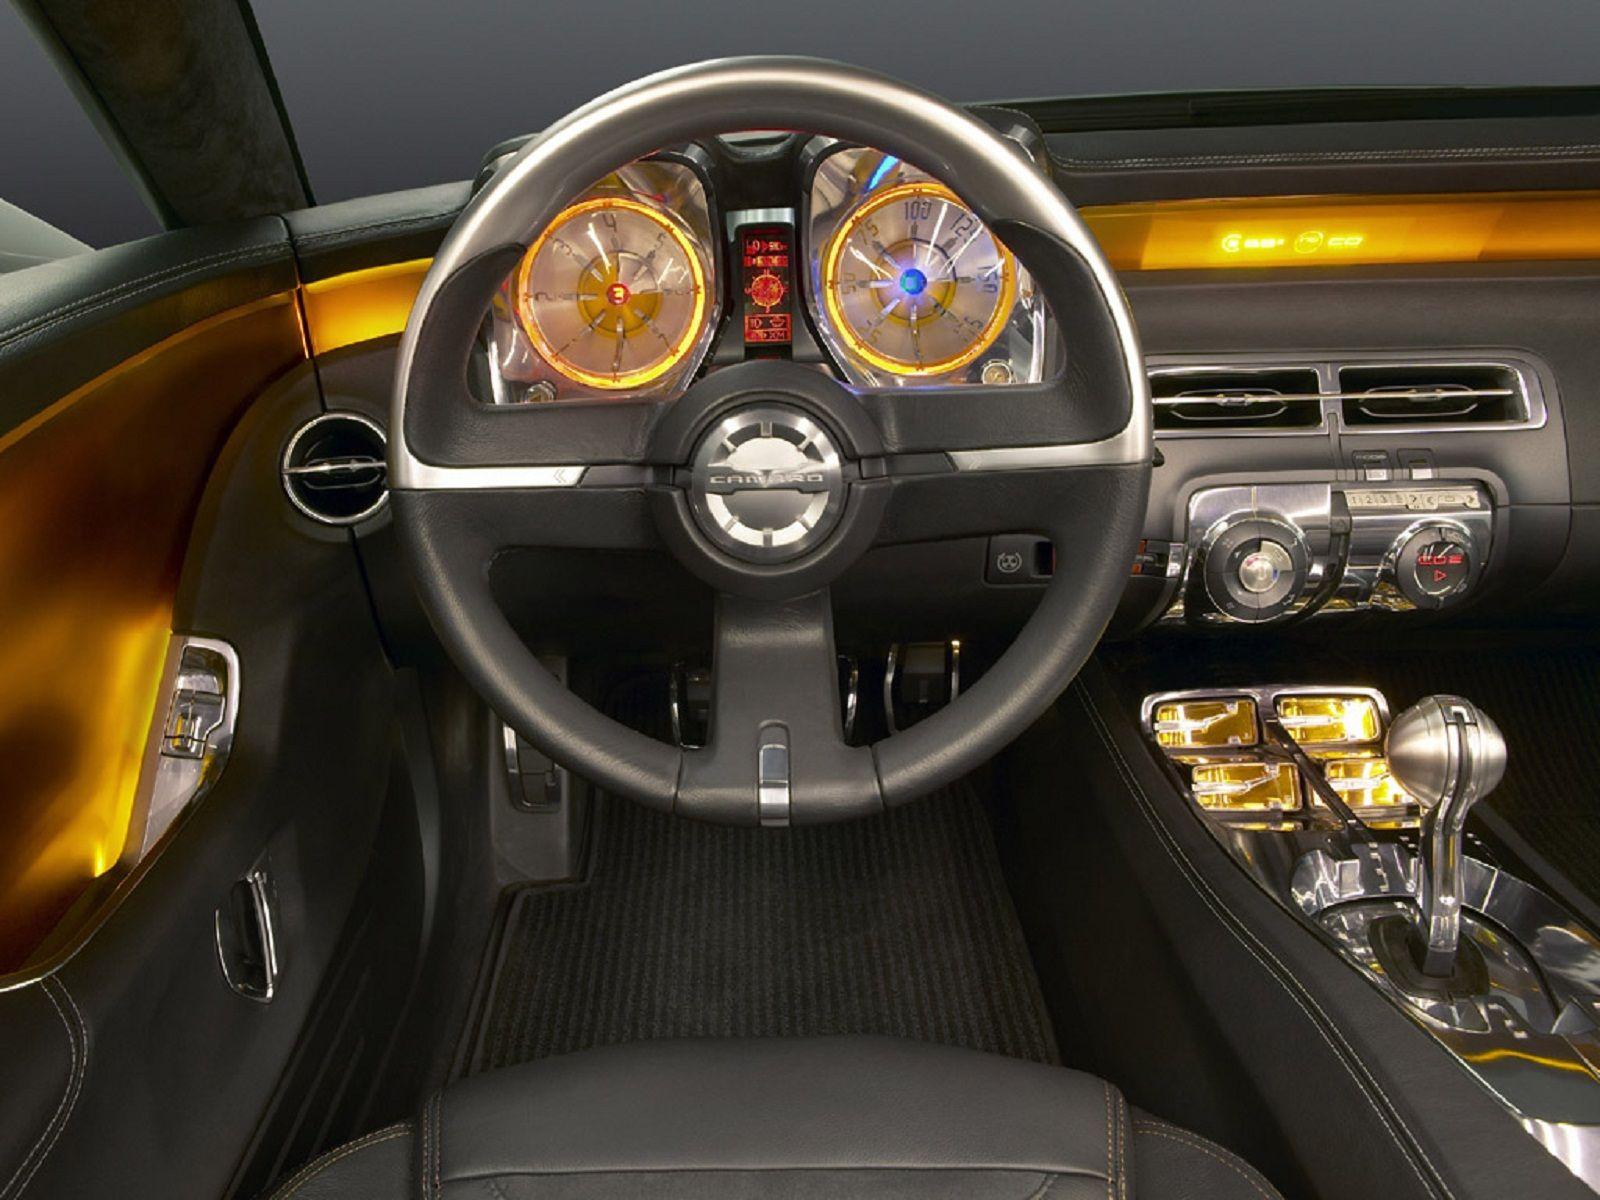 2012 Camaro Transformers Special Edition Interior 2